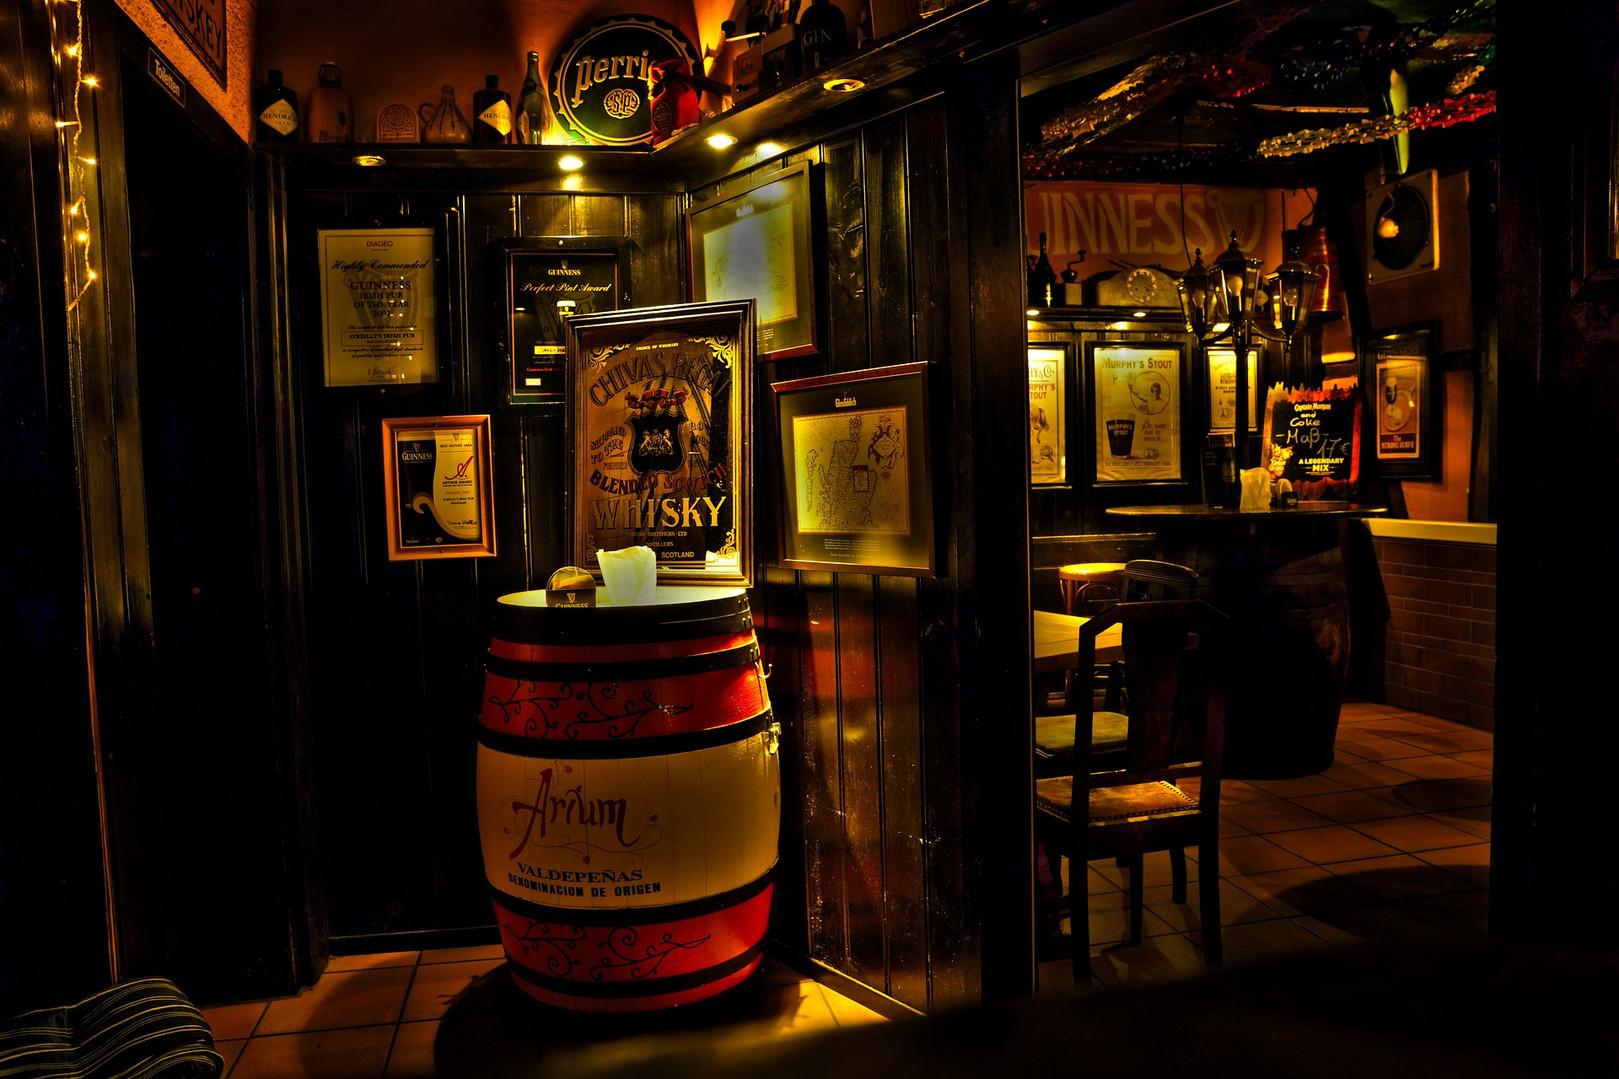 pub-2271549_1920.jpg